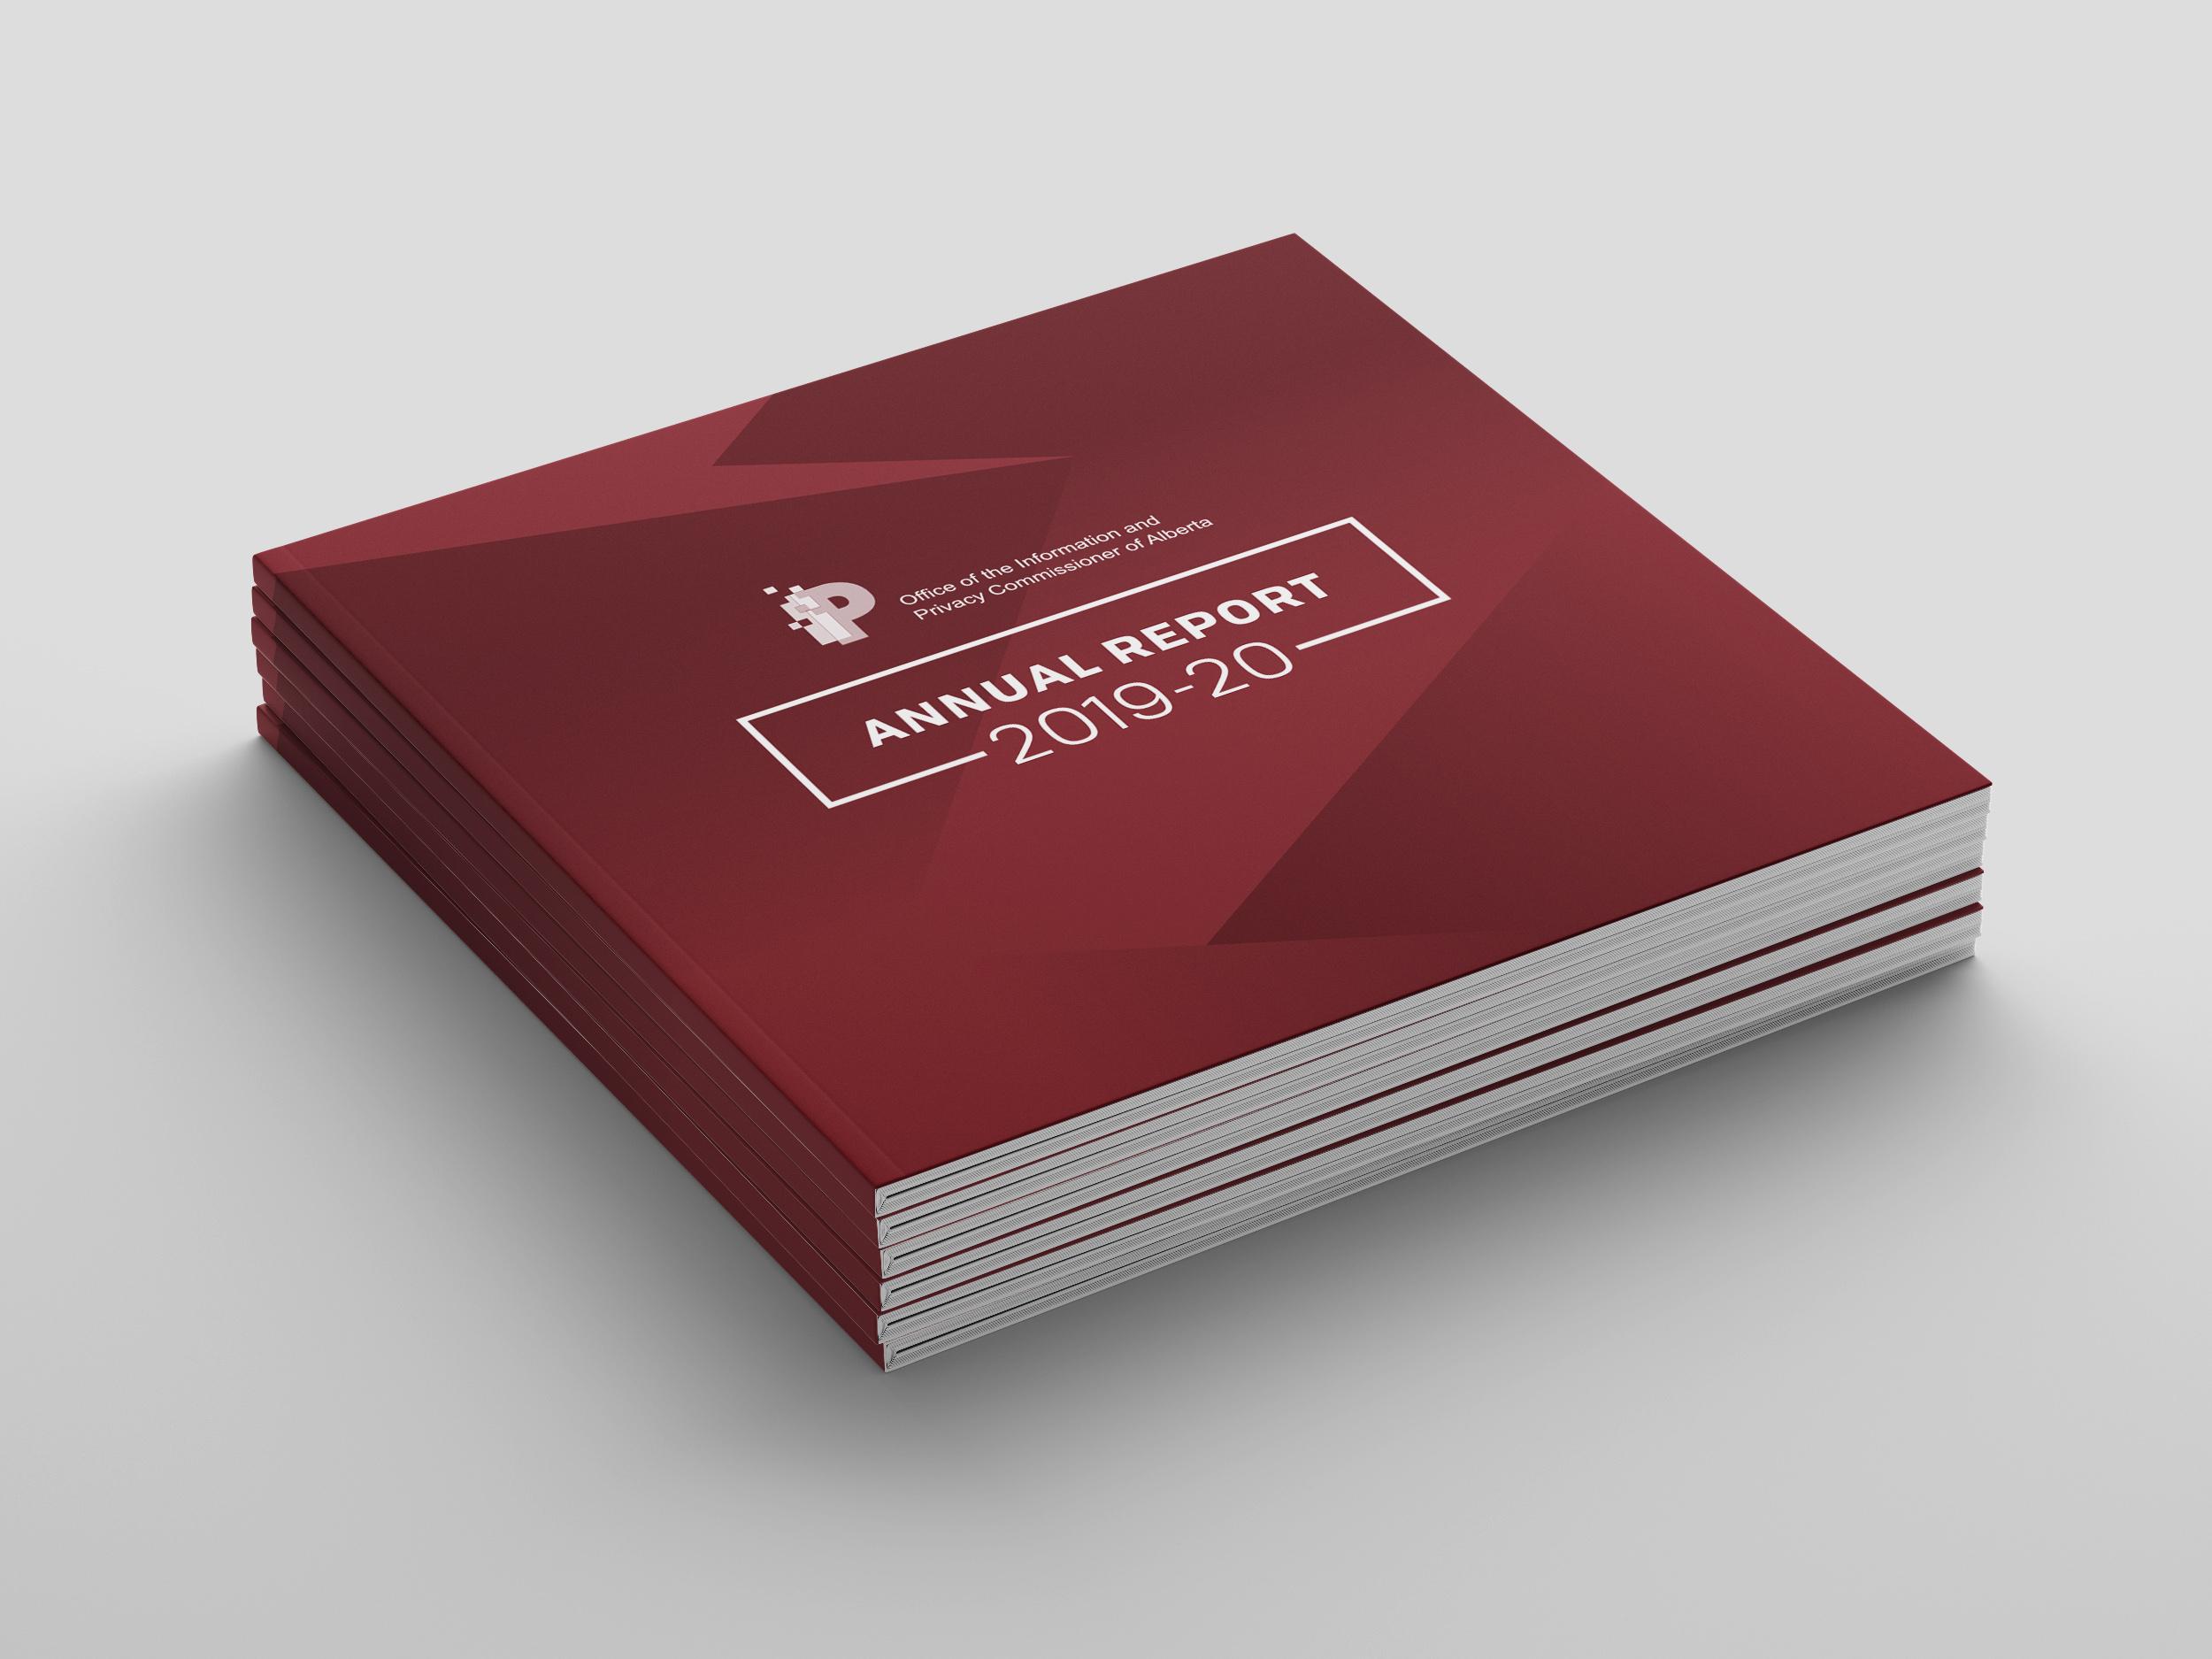 OIPC 2020 Annual Report